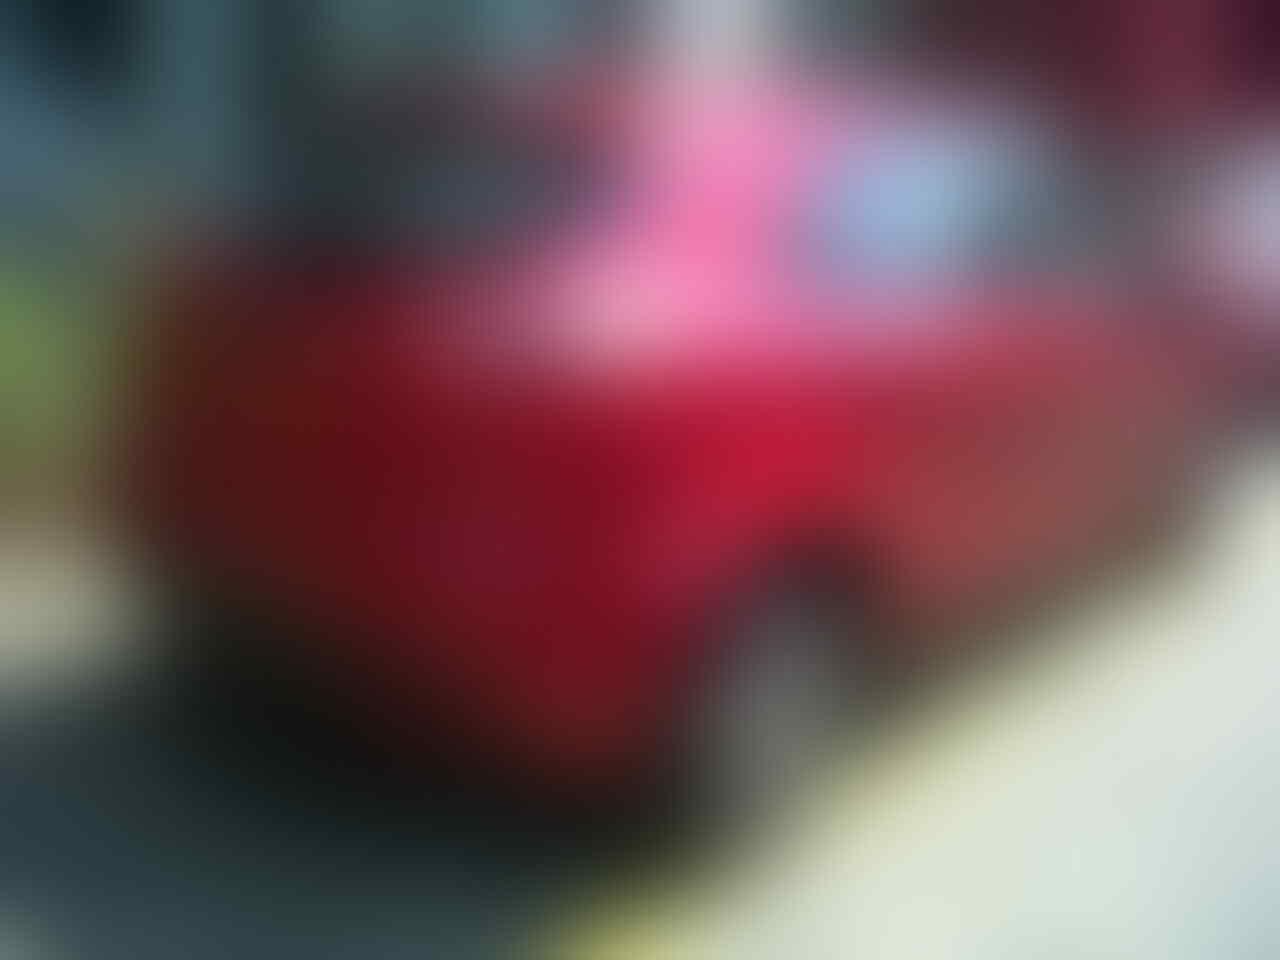 Beli Rio,,Gratis By,,TOL Satu Tahun,,dan acessories lainya..TV Mobil+Karpet Bludru,,